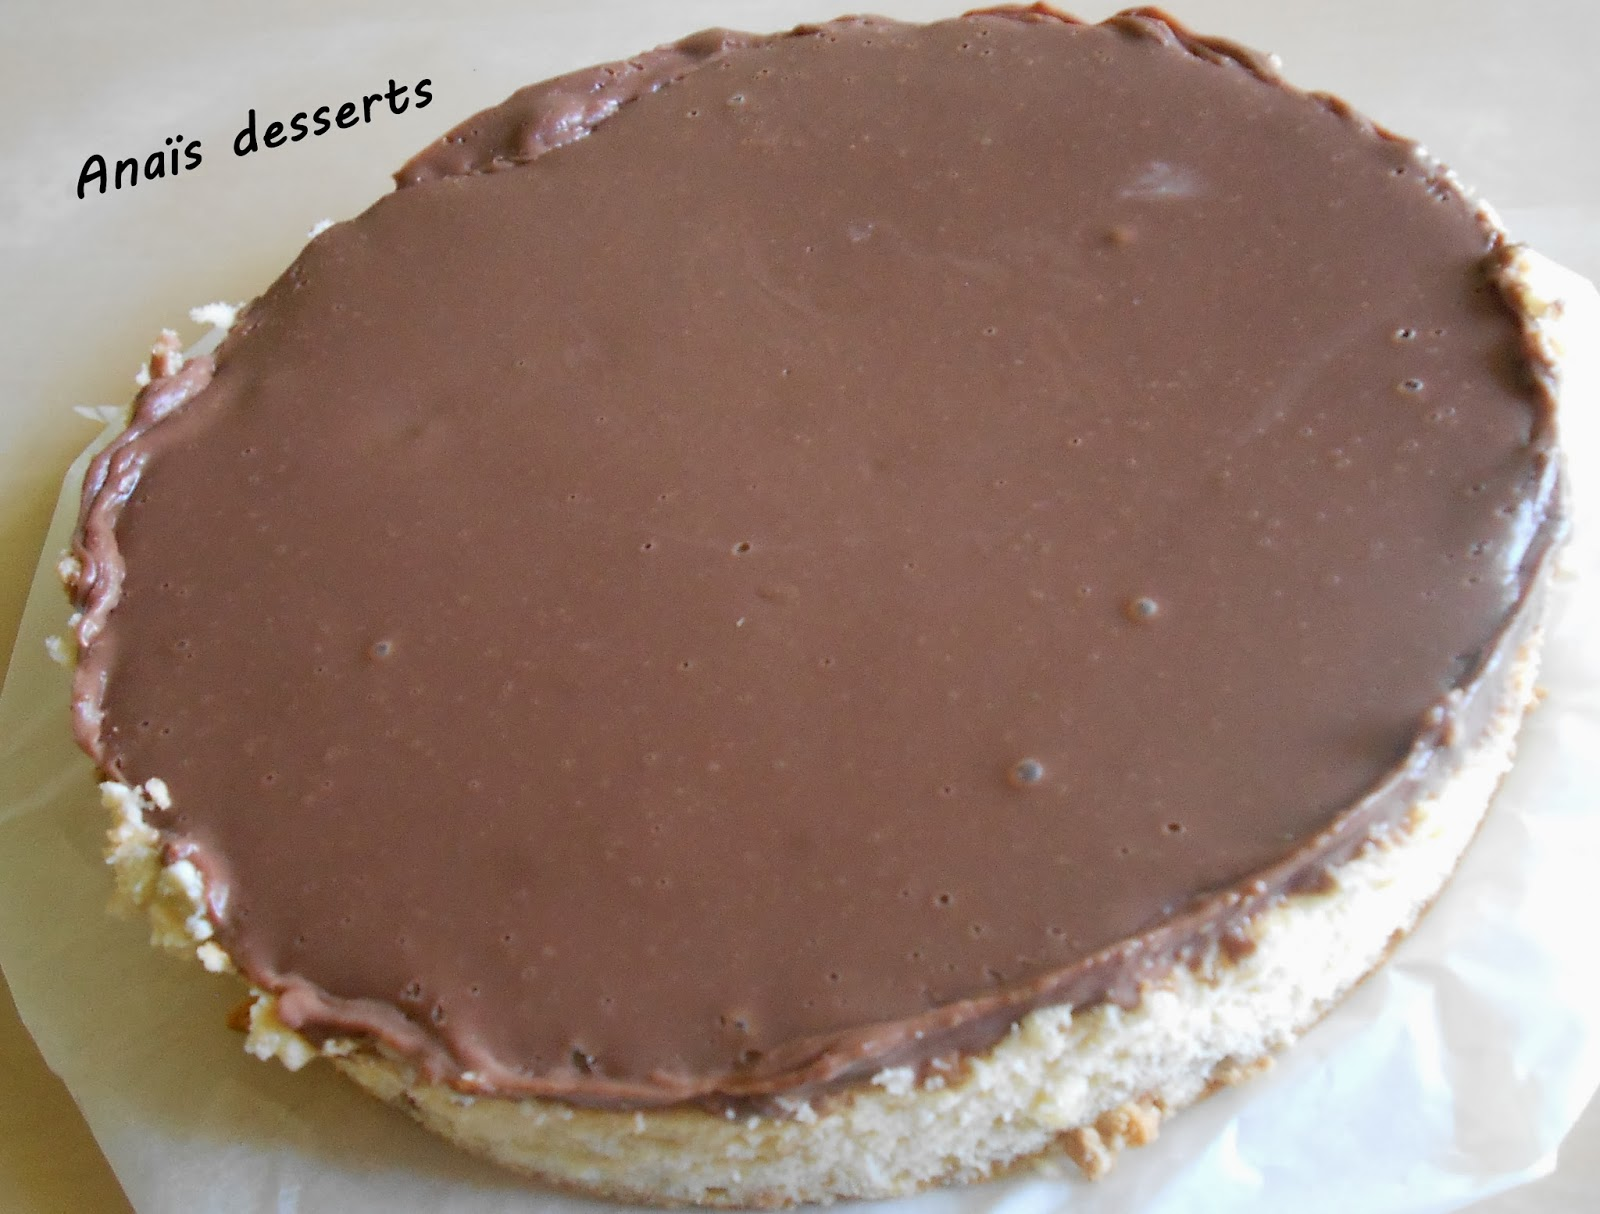 les recettes de dessert d 239 s cheesecake l 233 ger chocolat